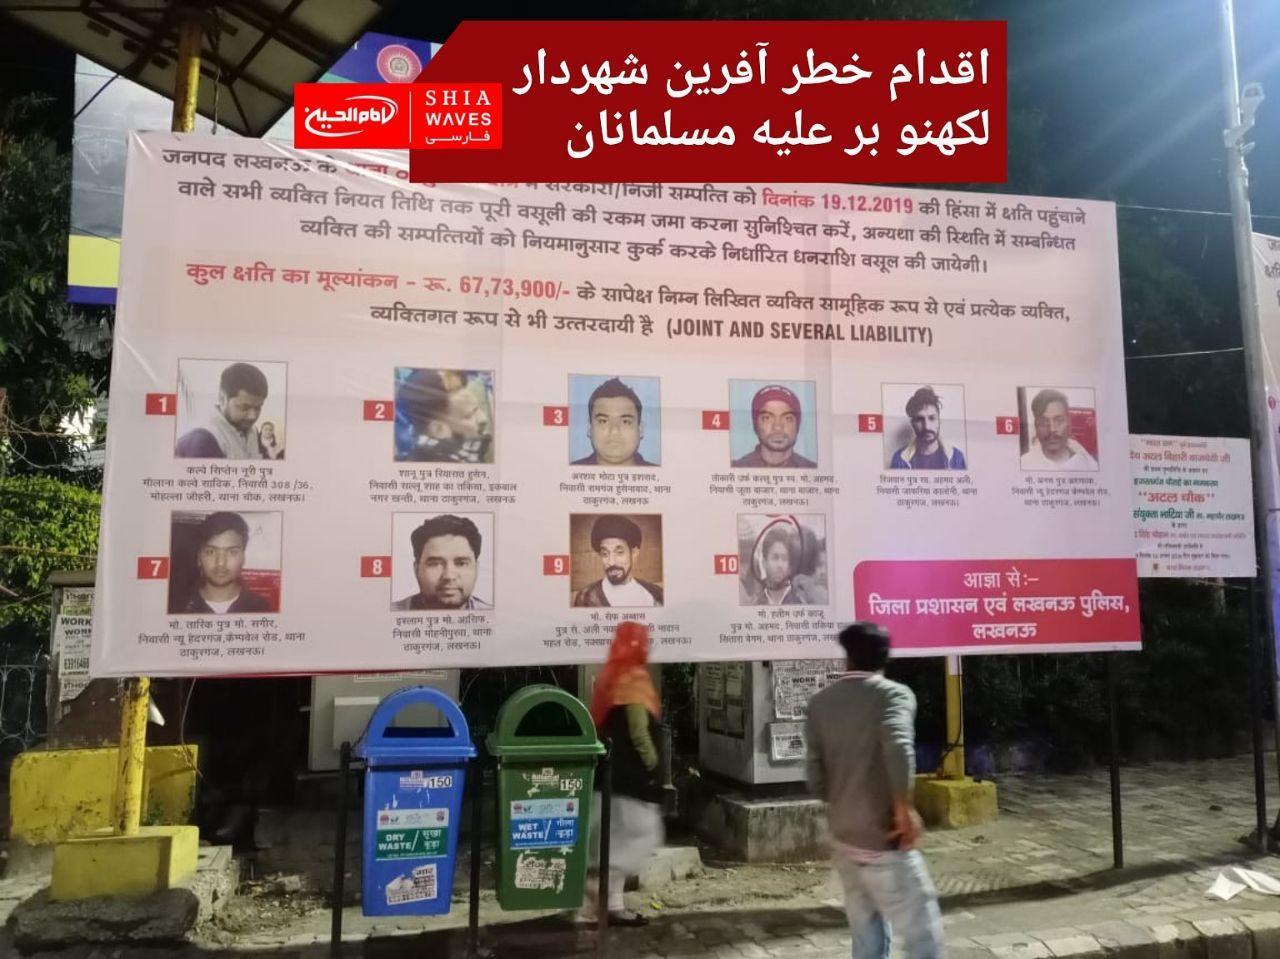 تصویر اقدام خطر آفرین شهردار لکهنو بر علیه مسلمانان